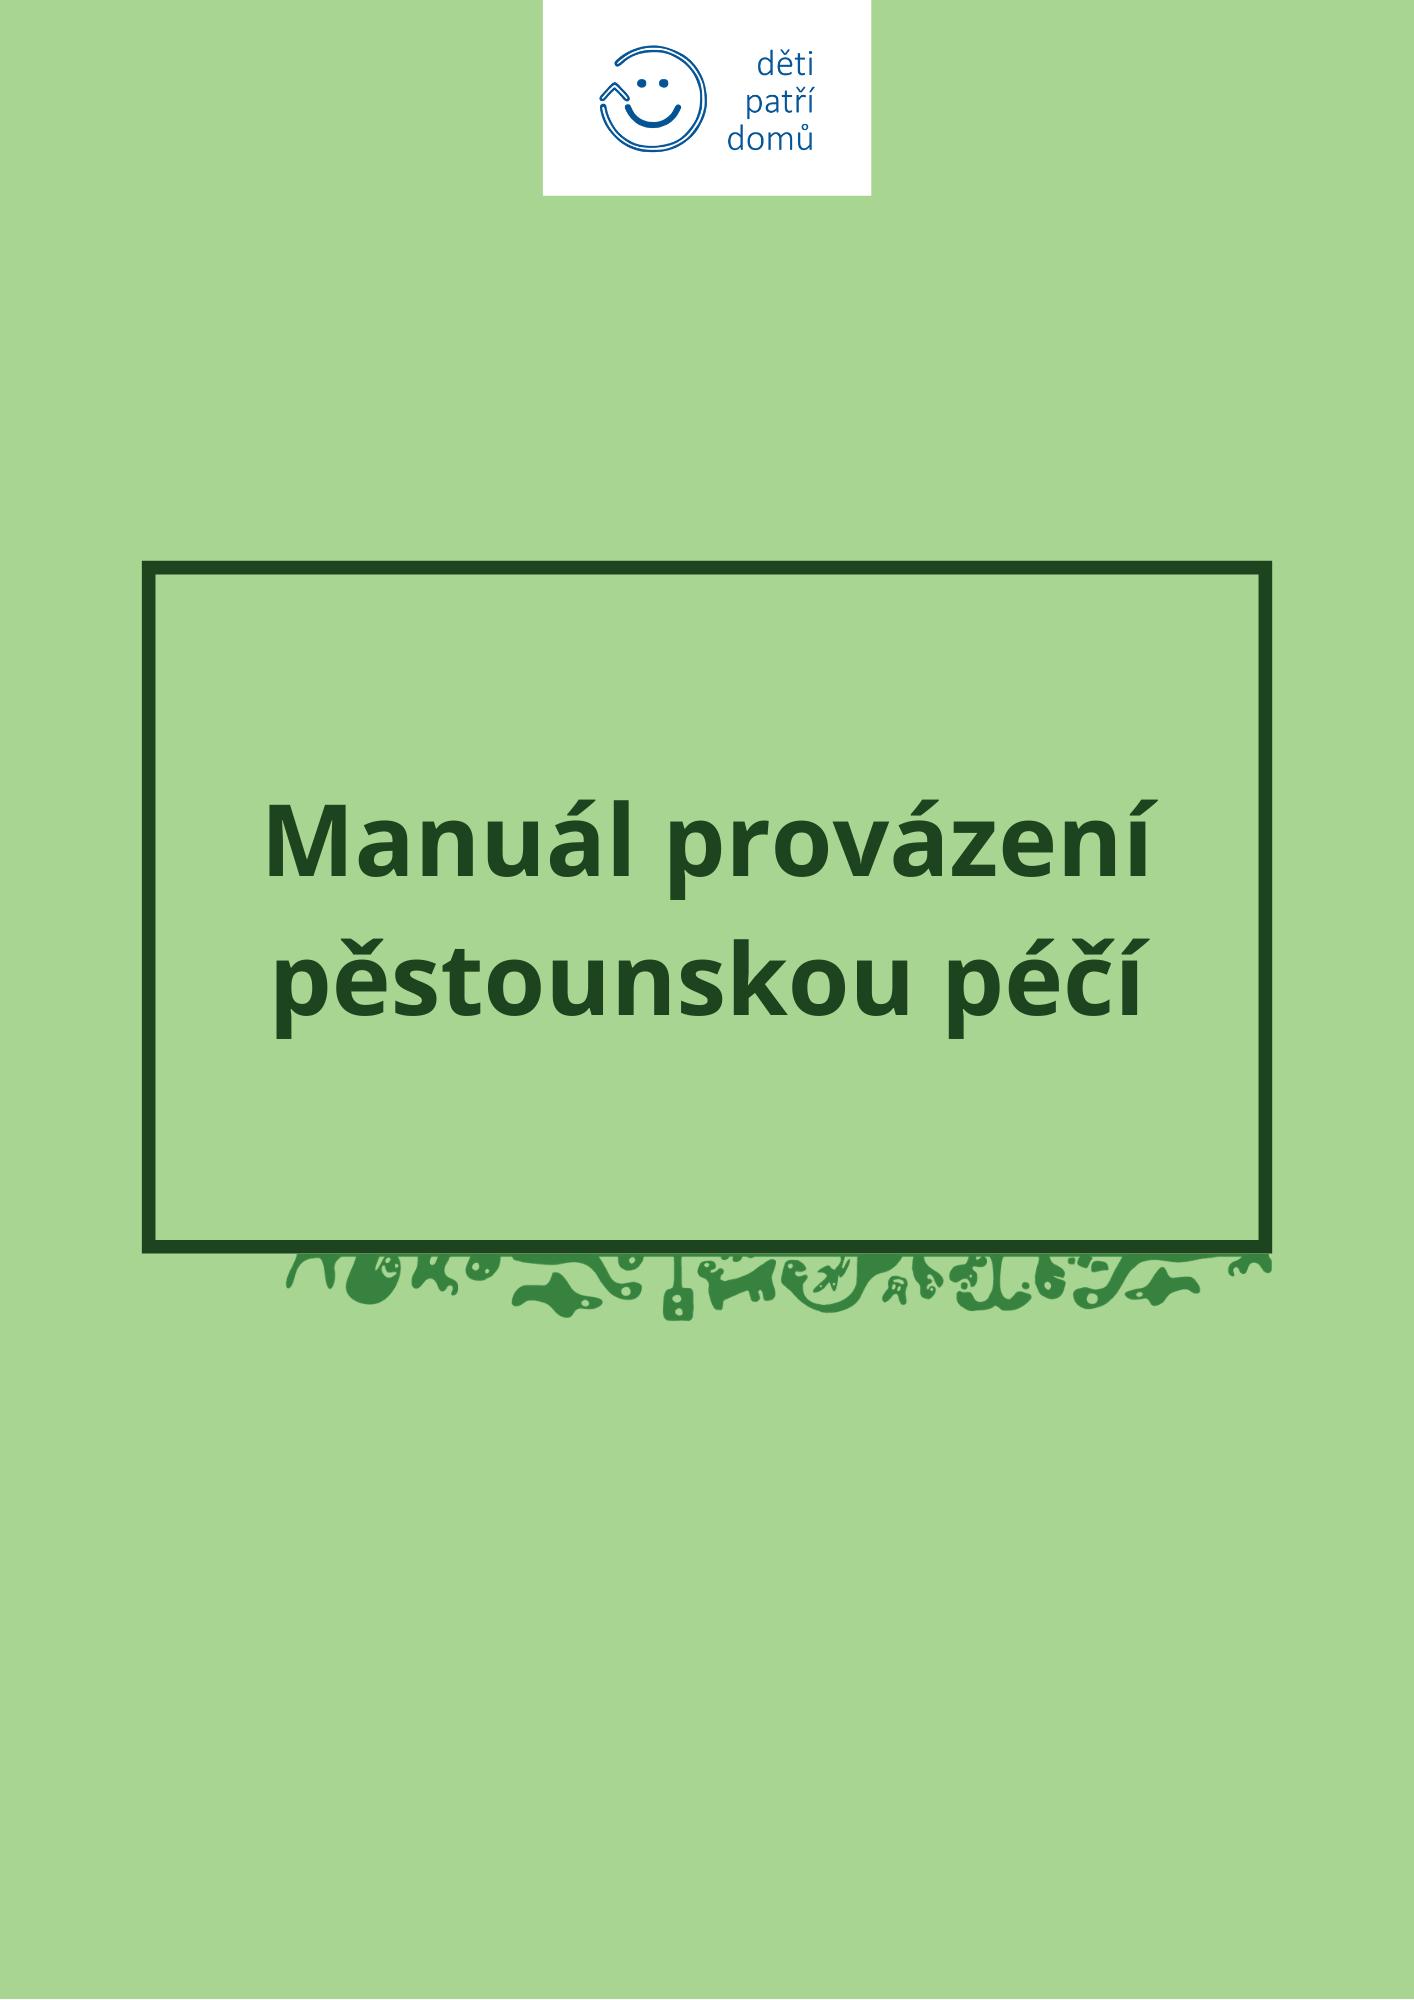 Manuál provázení pěstounskou péčí